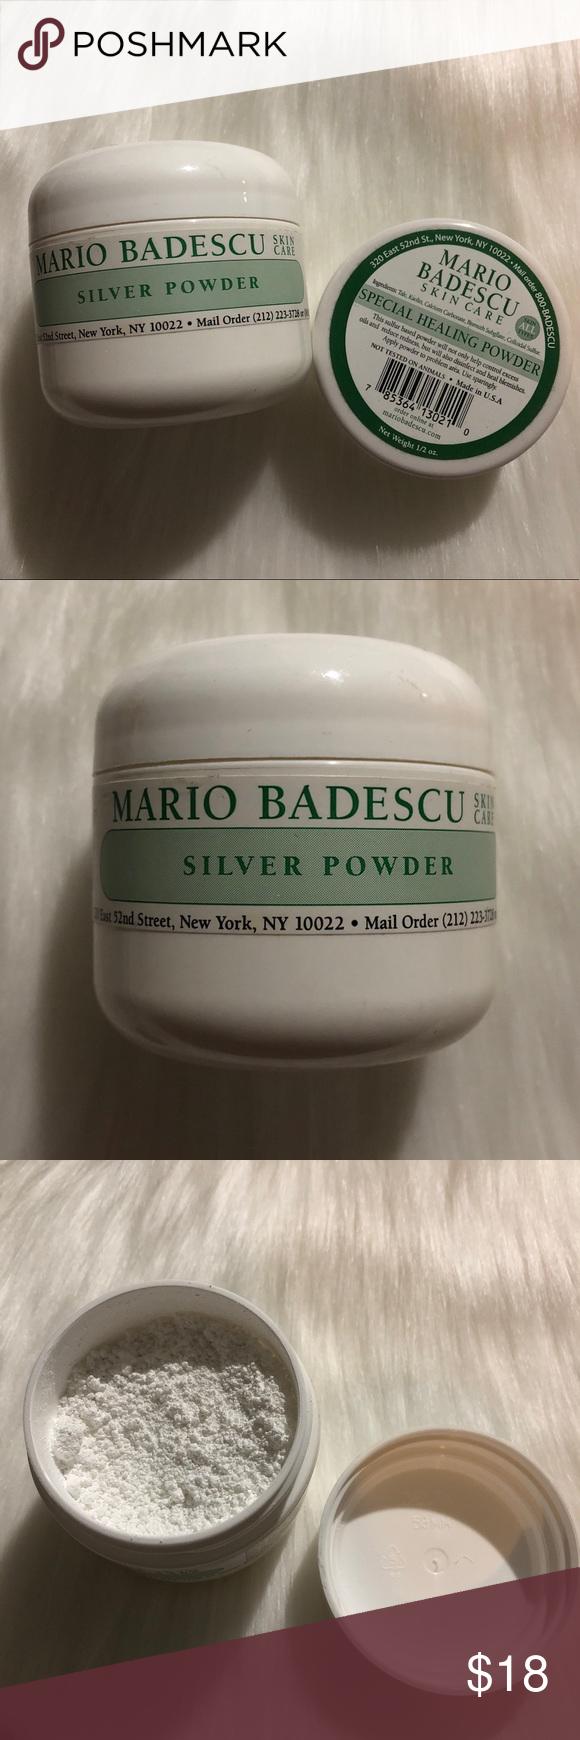 Mario Badescu Silver Special Healing Powders Mario Badescu Mario Badescu Silver Powder Mario